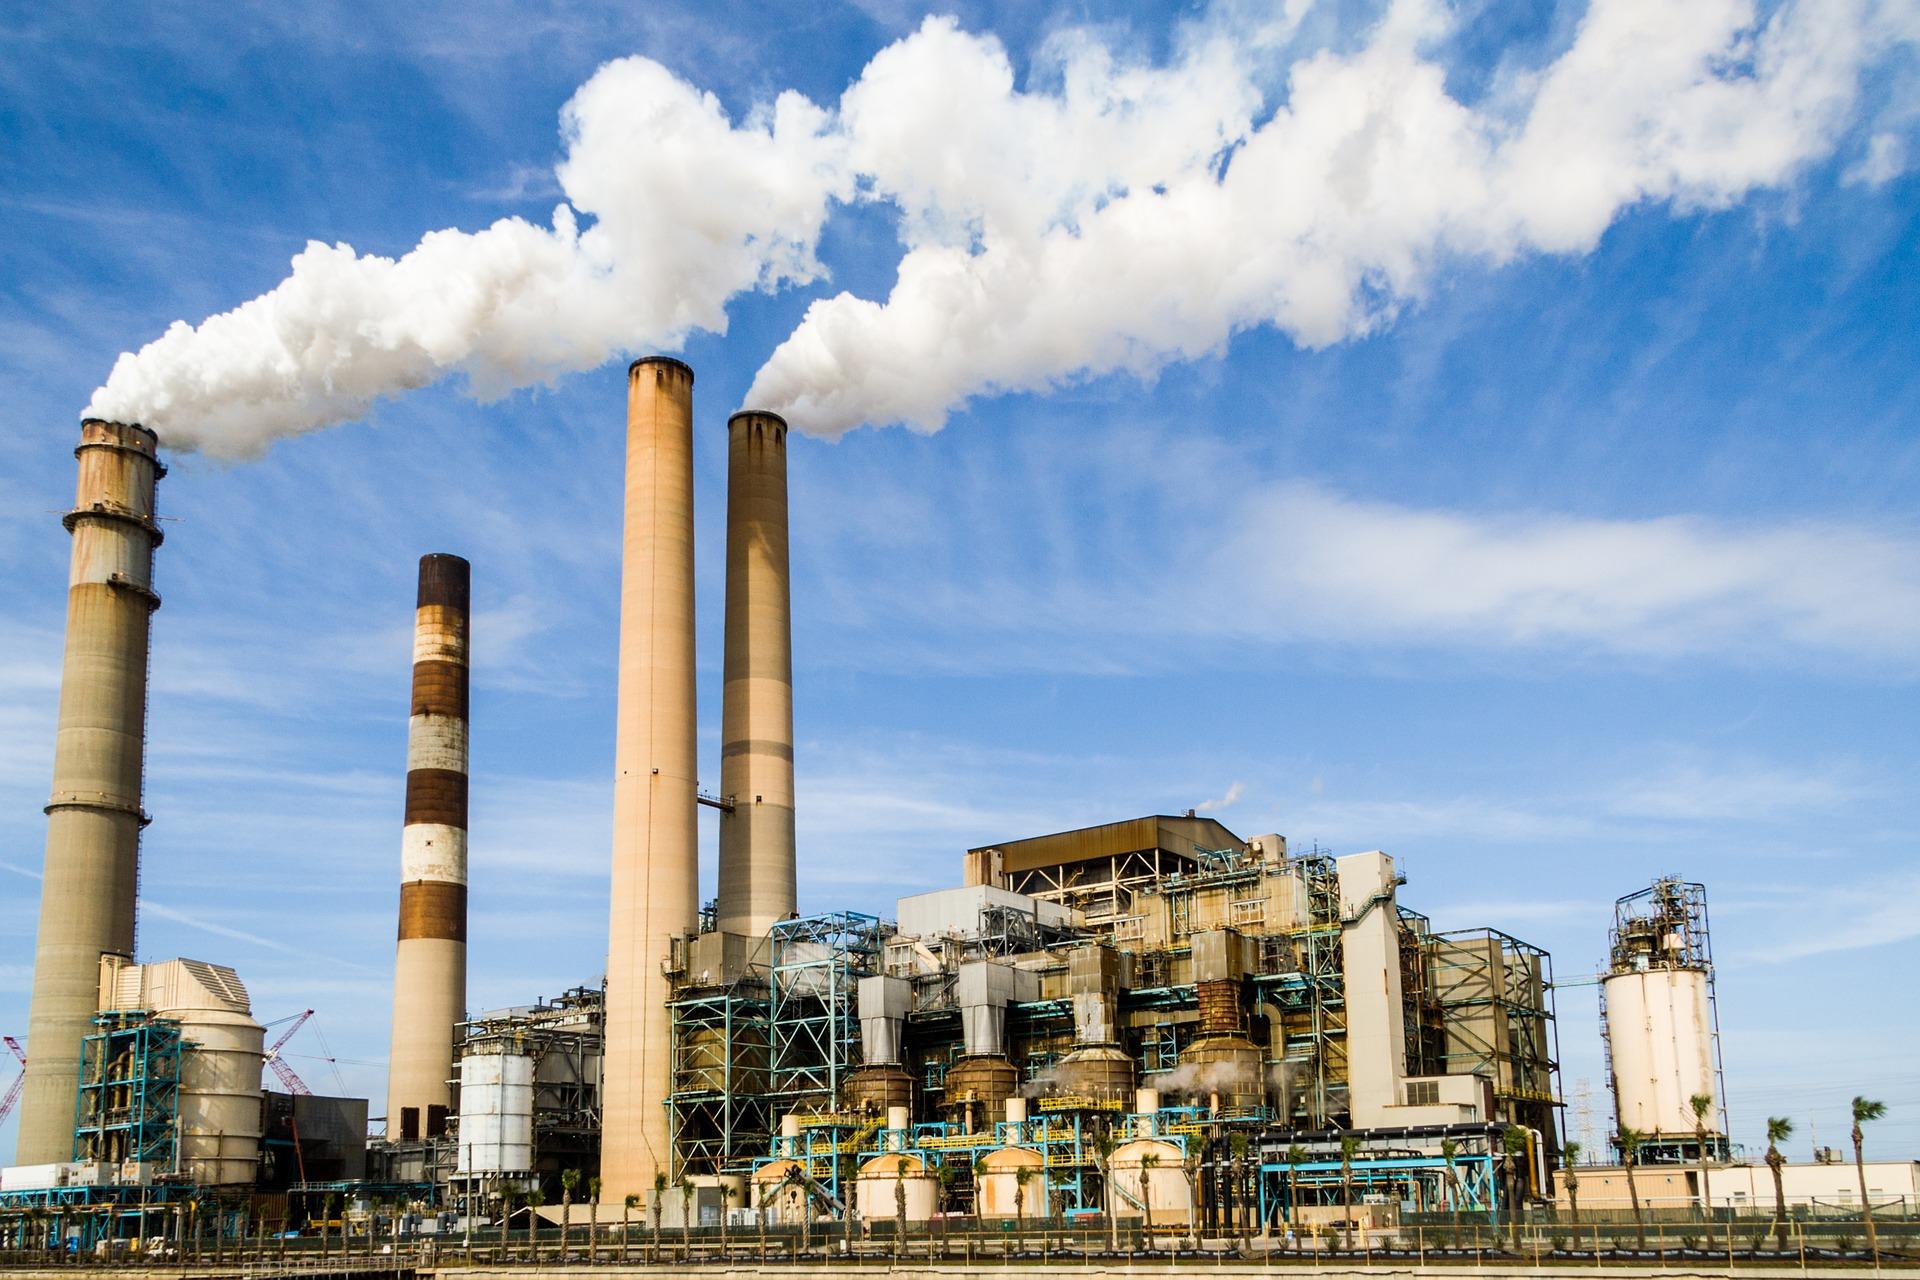 Industrie und Prozesstechnik